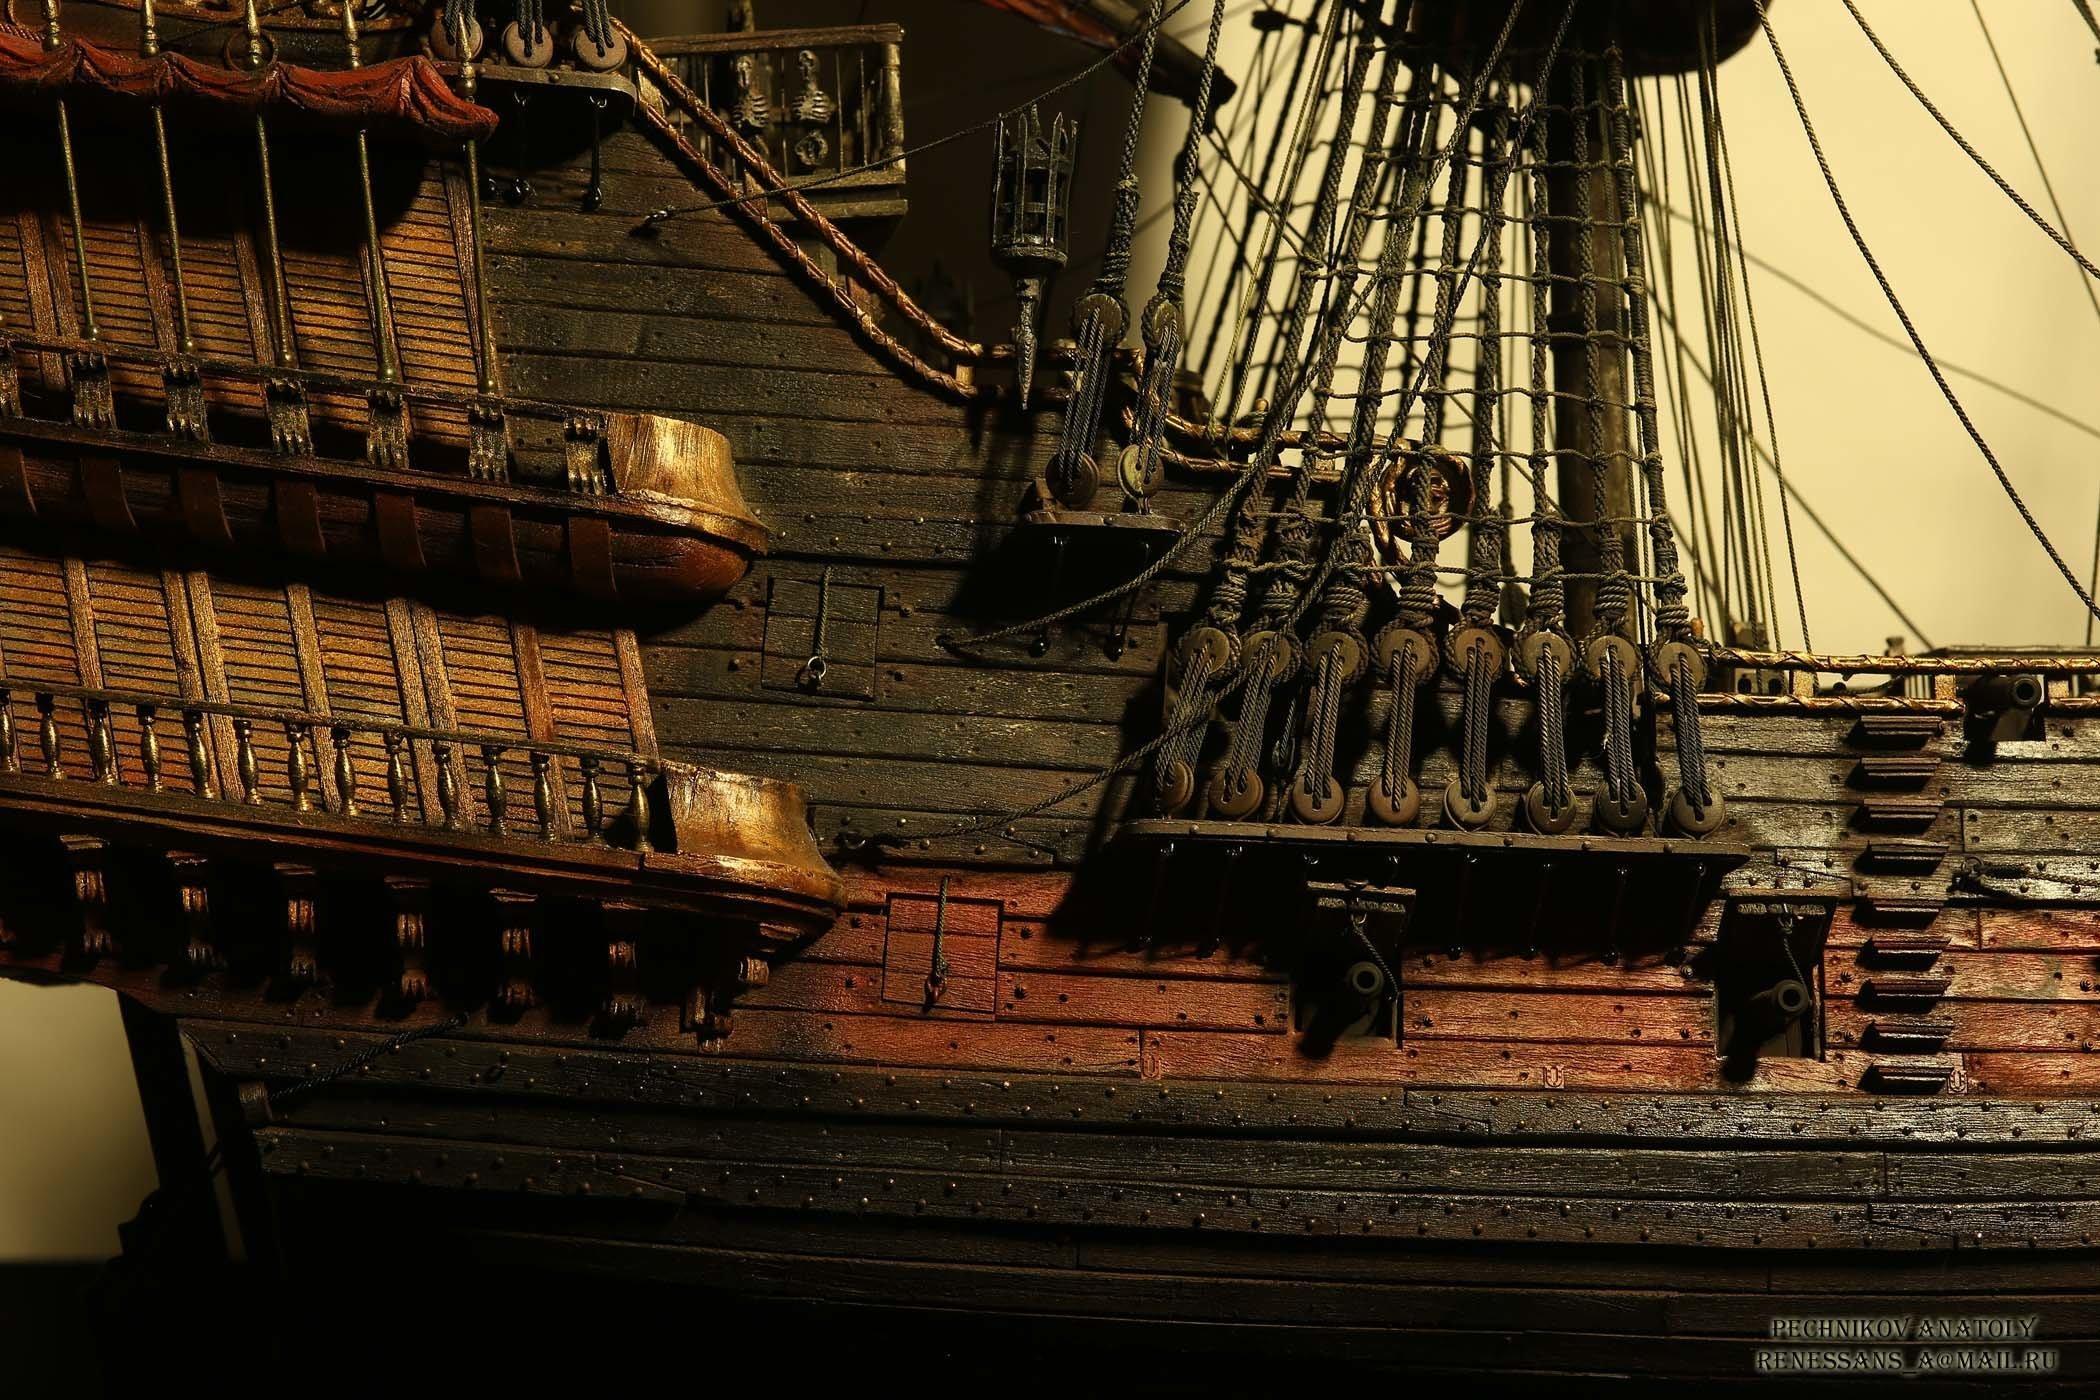 колхидский корабль месть королевы анны фото полностью